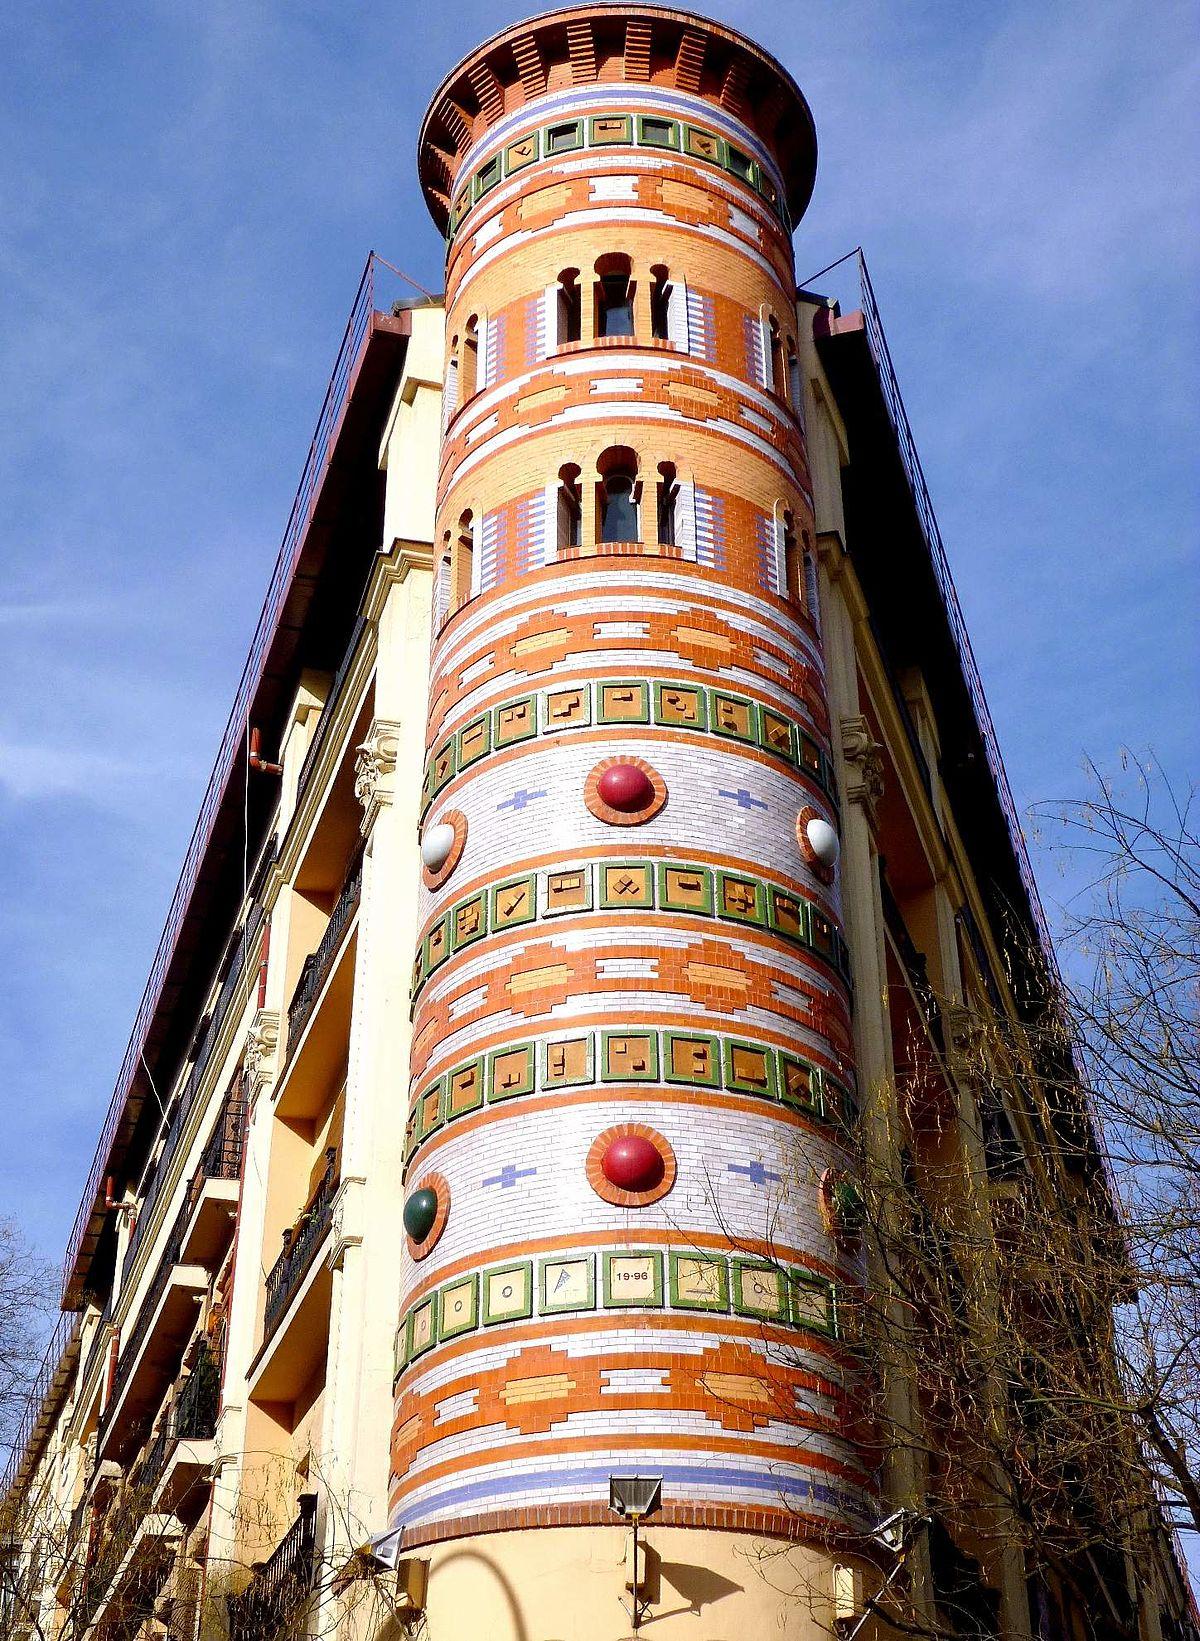 Casa de las bolas madrid wikipedia la enciclopedia libre - Canguro en casa madrid ...